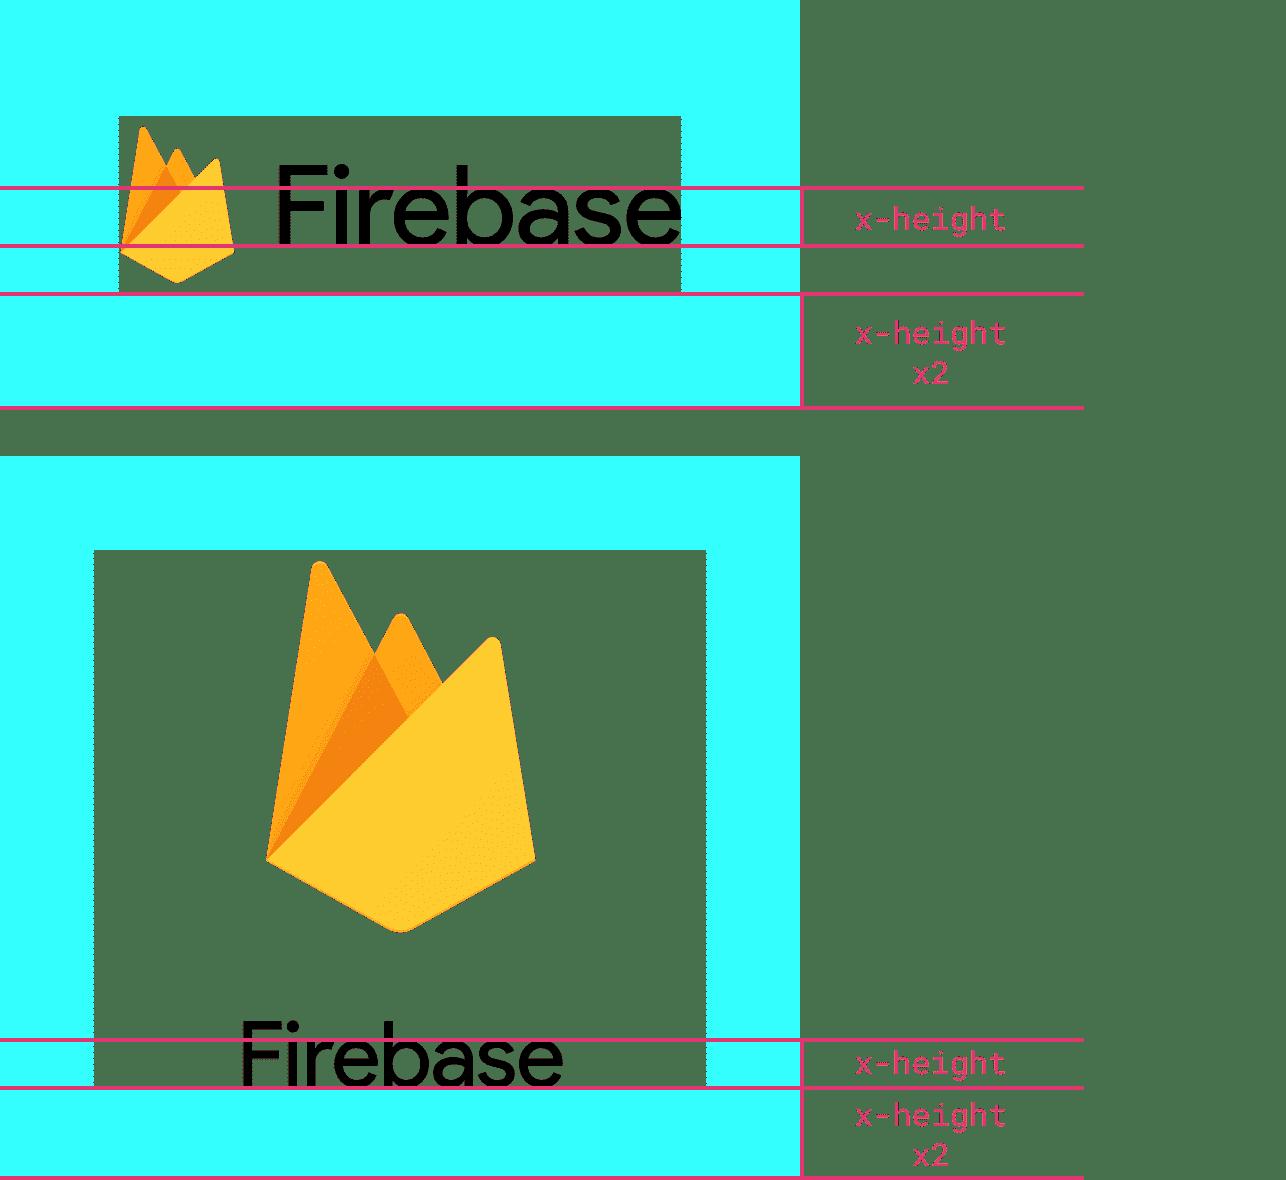 Exemplos de logotipo do Firebase com pelo menos o dobro da altura do logotipo